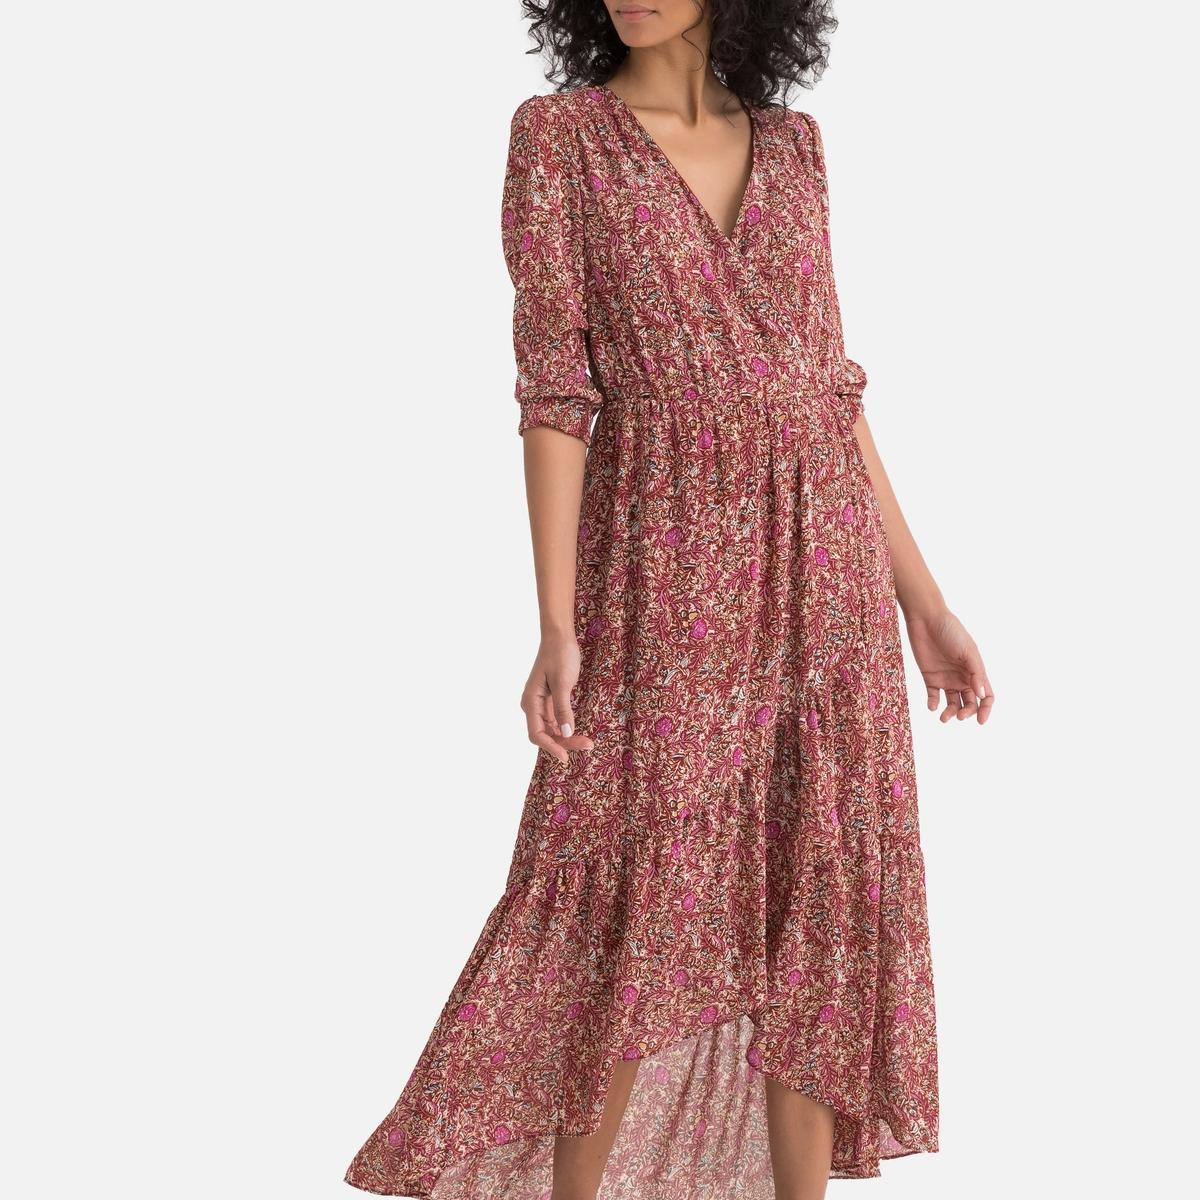 Платье La Redoute Длинное в богемном стиле с цветочным рисунком и длинными рукавами S оранжевый платье la redoute с цветочным рисунком короткими рукавами и воланами на груди s оранжевый